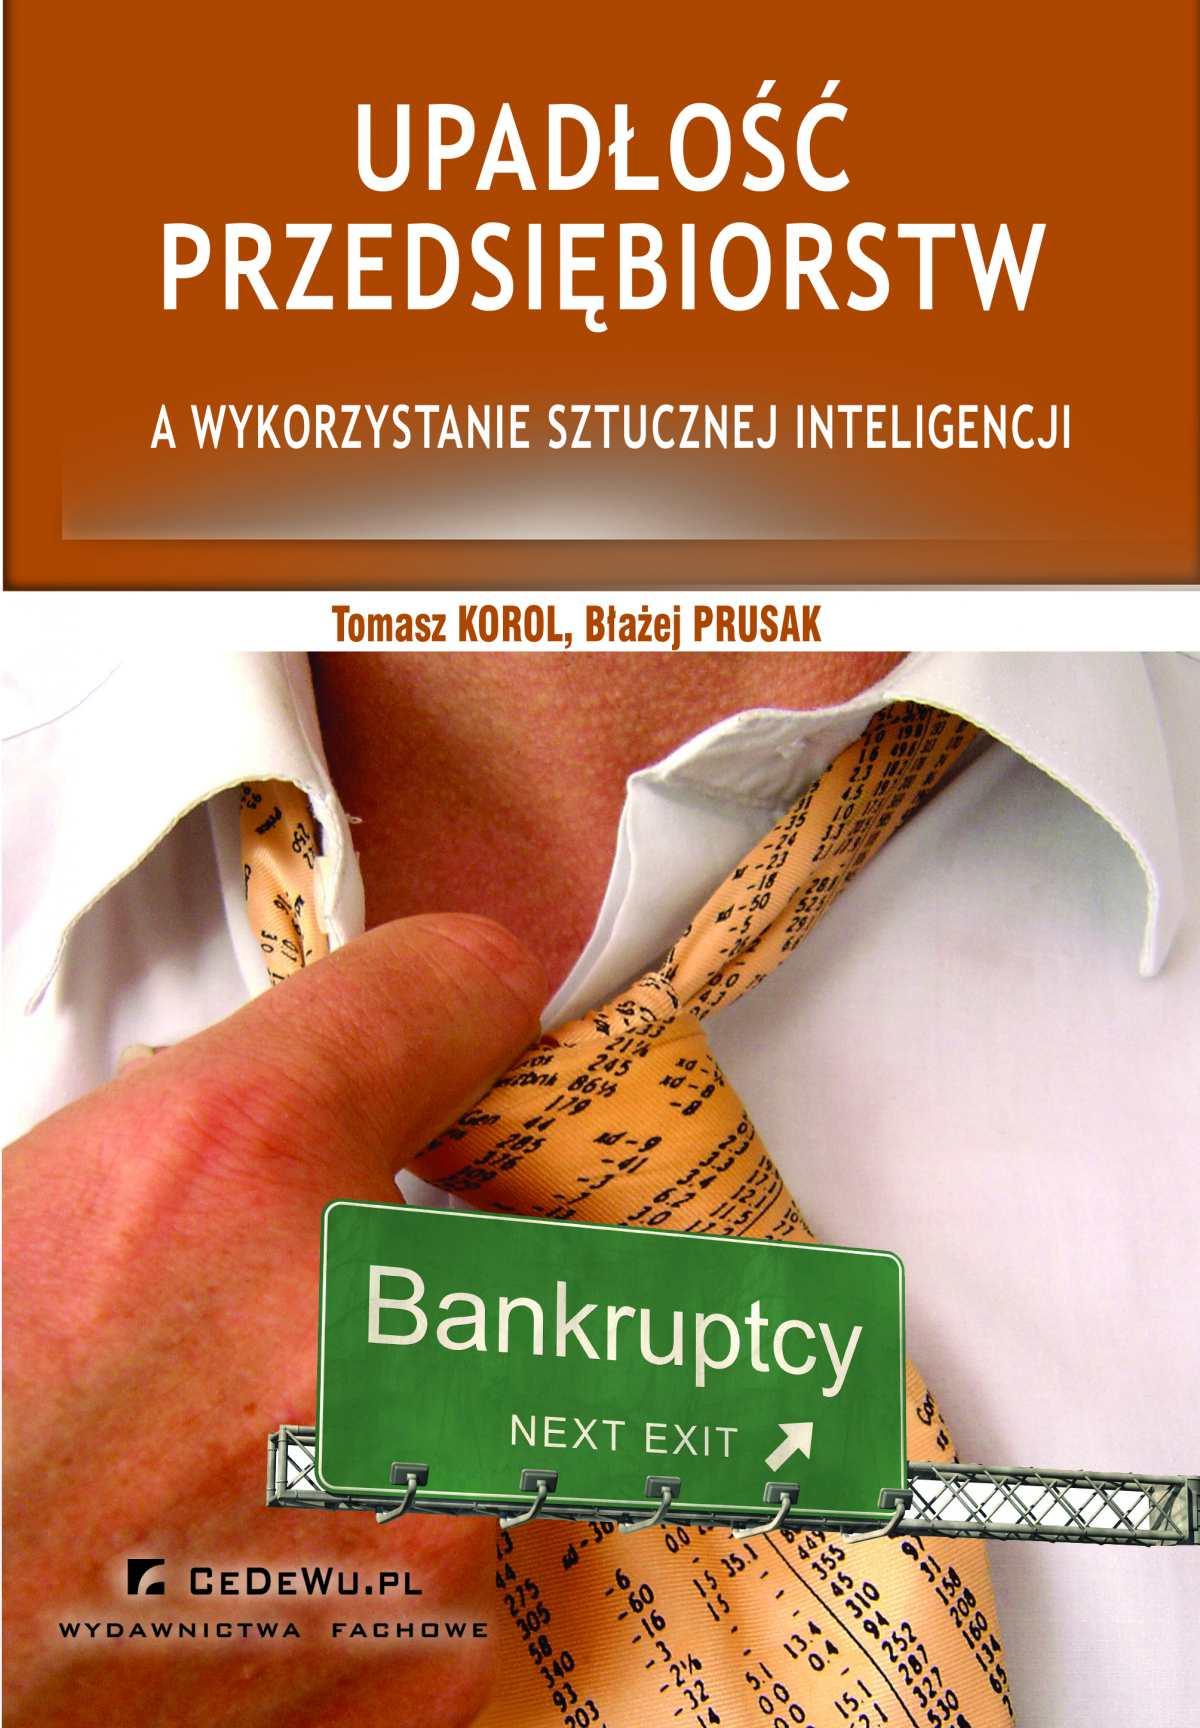 Upadłość przedsiębiorstw a wykorzystanie sztucznej inteligencji (wyd. II) - Ebook (Książka PDF) do pobrania w formacie PDF